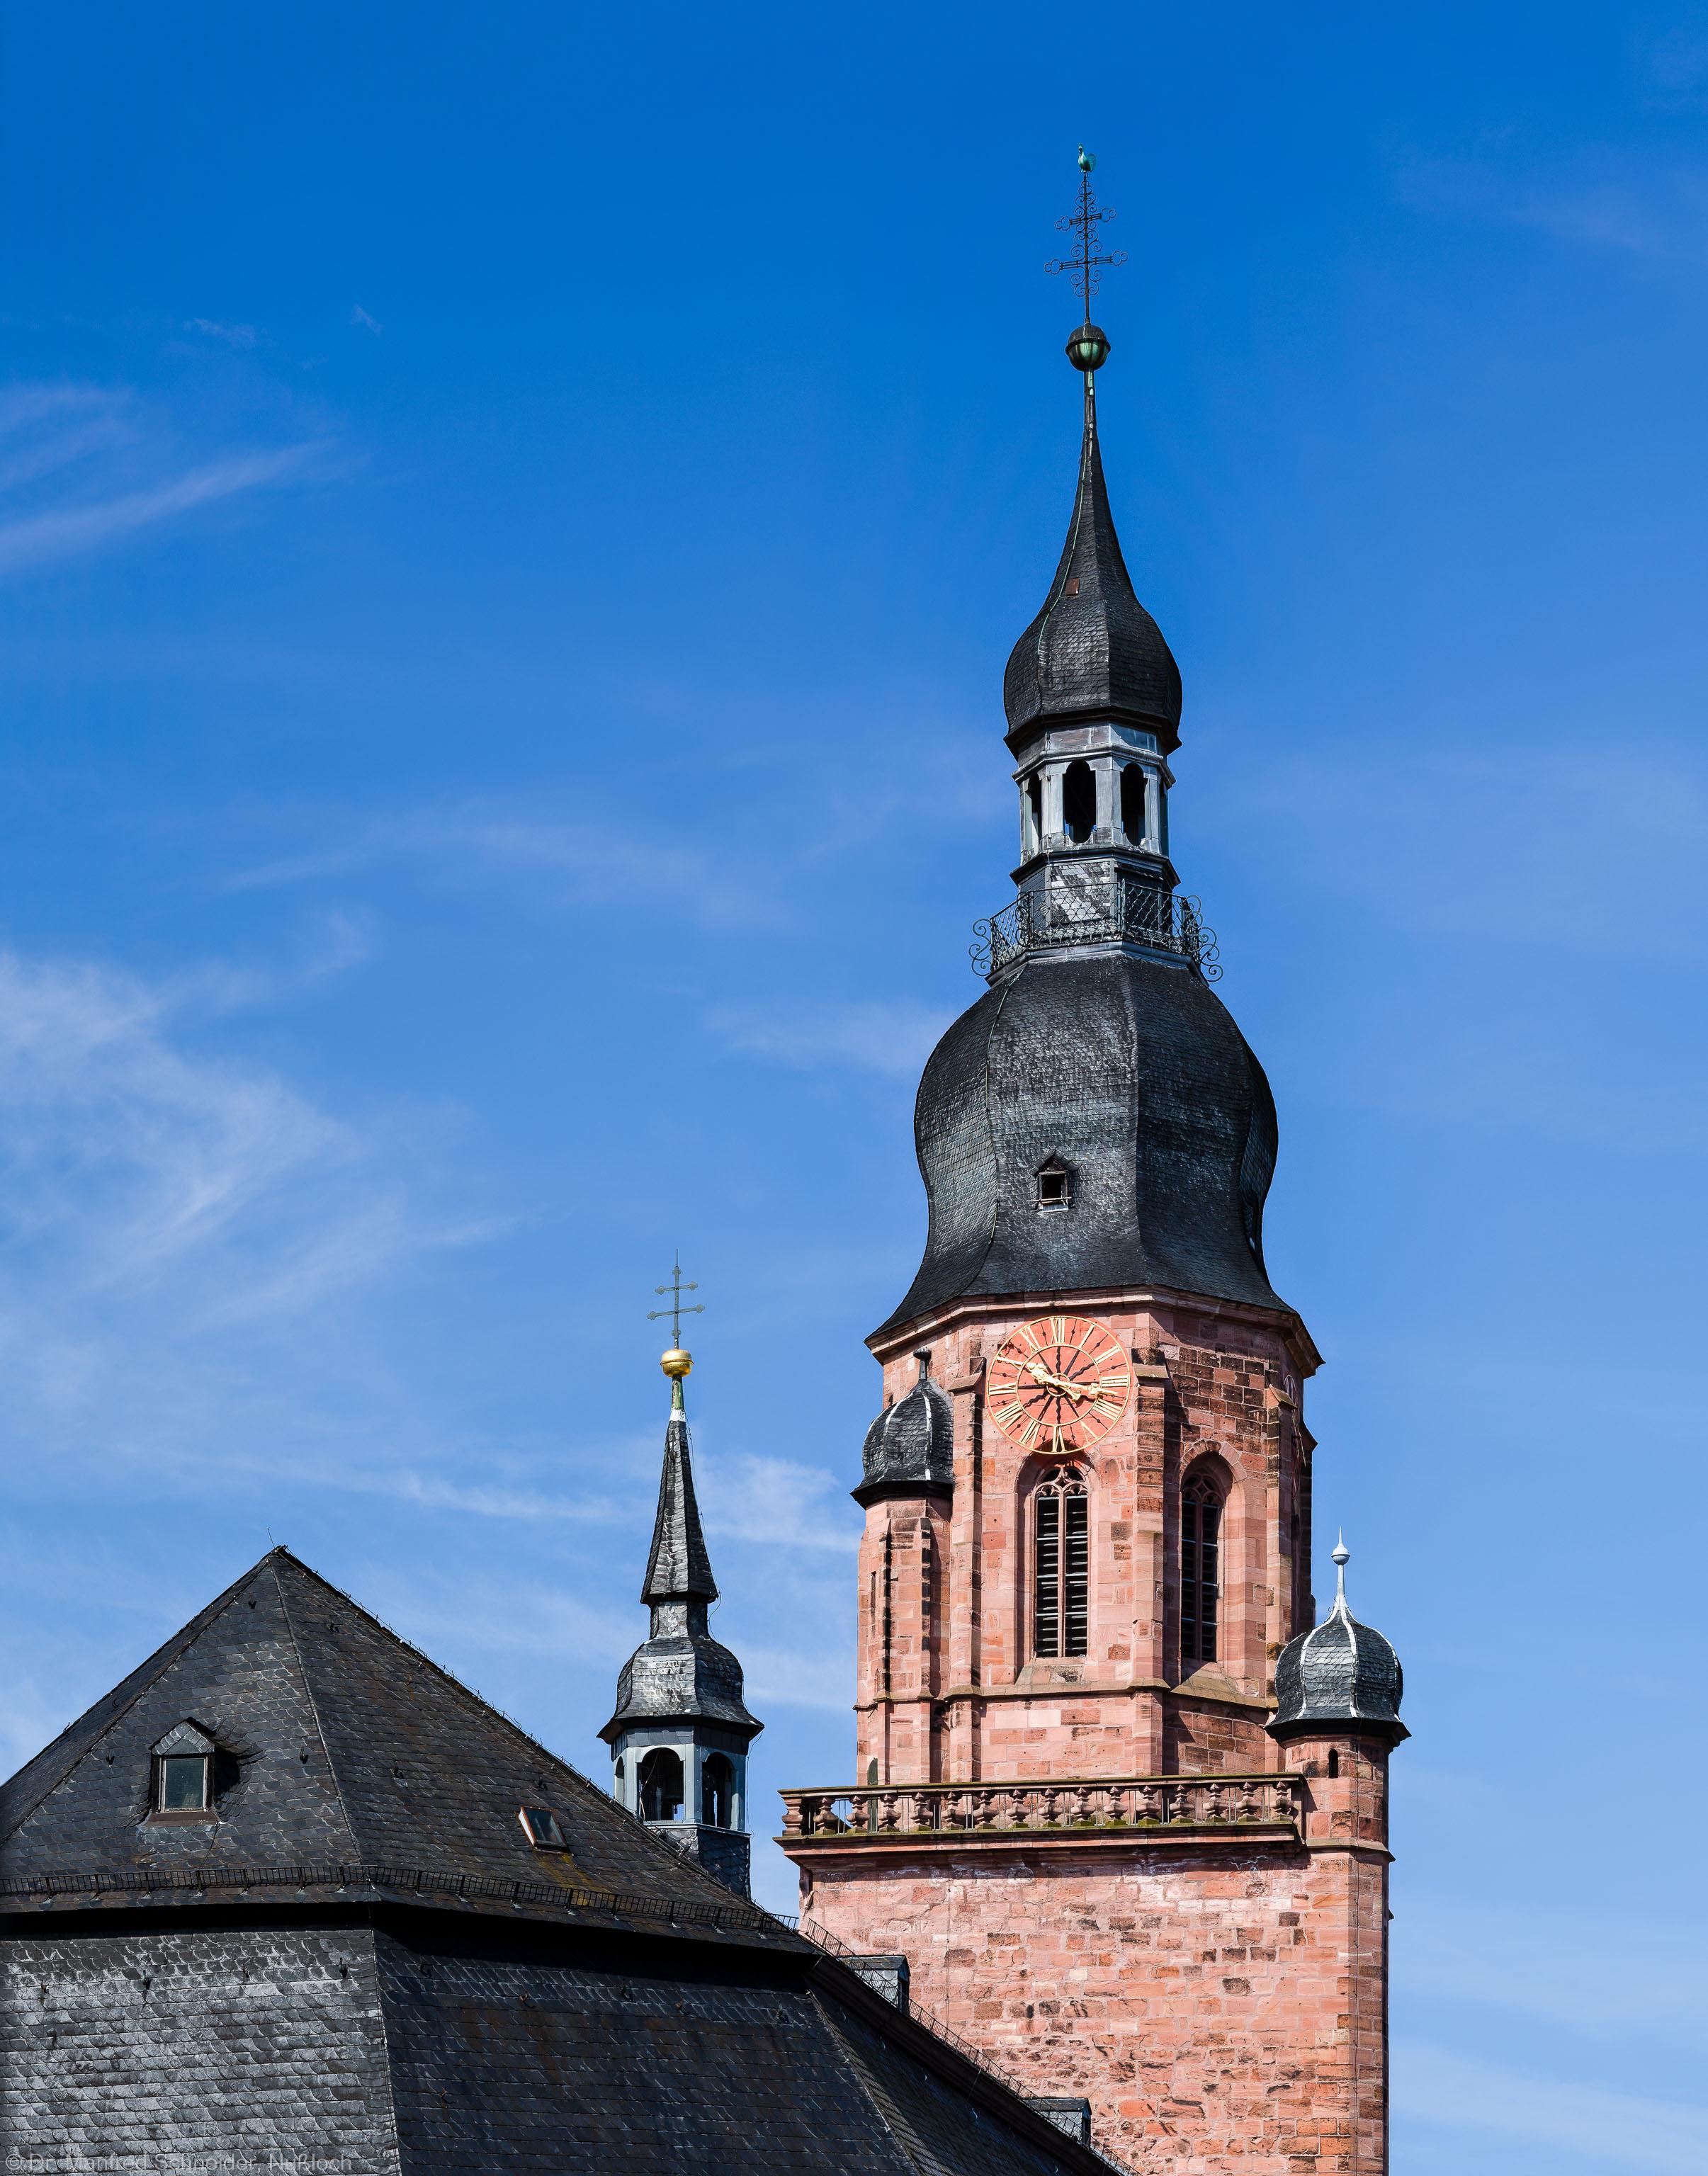 Heidelberg - Heiliggeistkirche - Ostseite - Blick vom Rathaus im 3. Stock auf den Turm (aufgenommen im Juli 2013, am späten Vormittag)